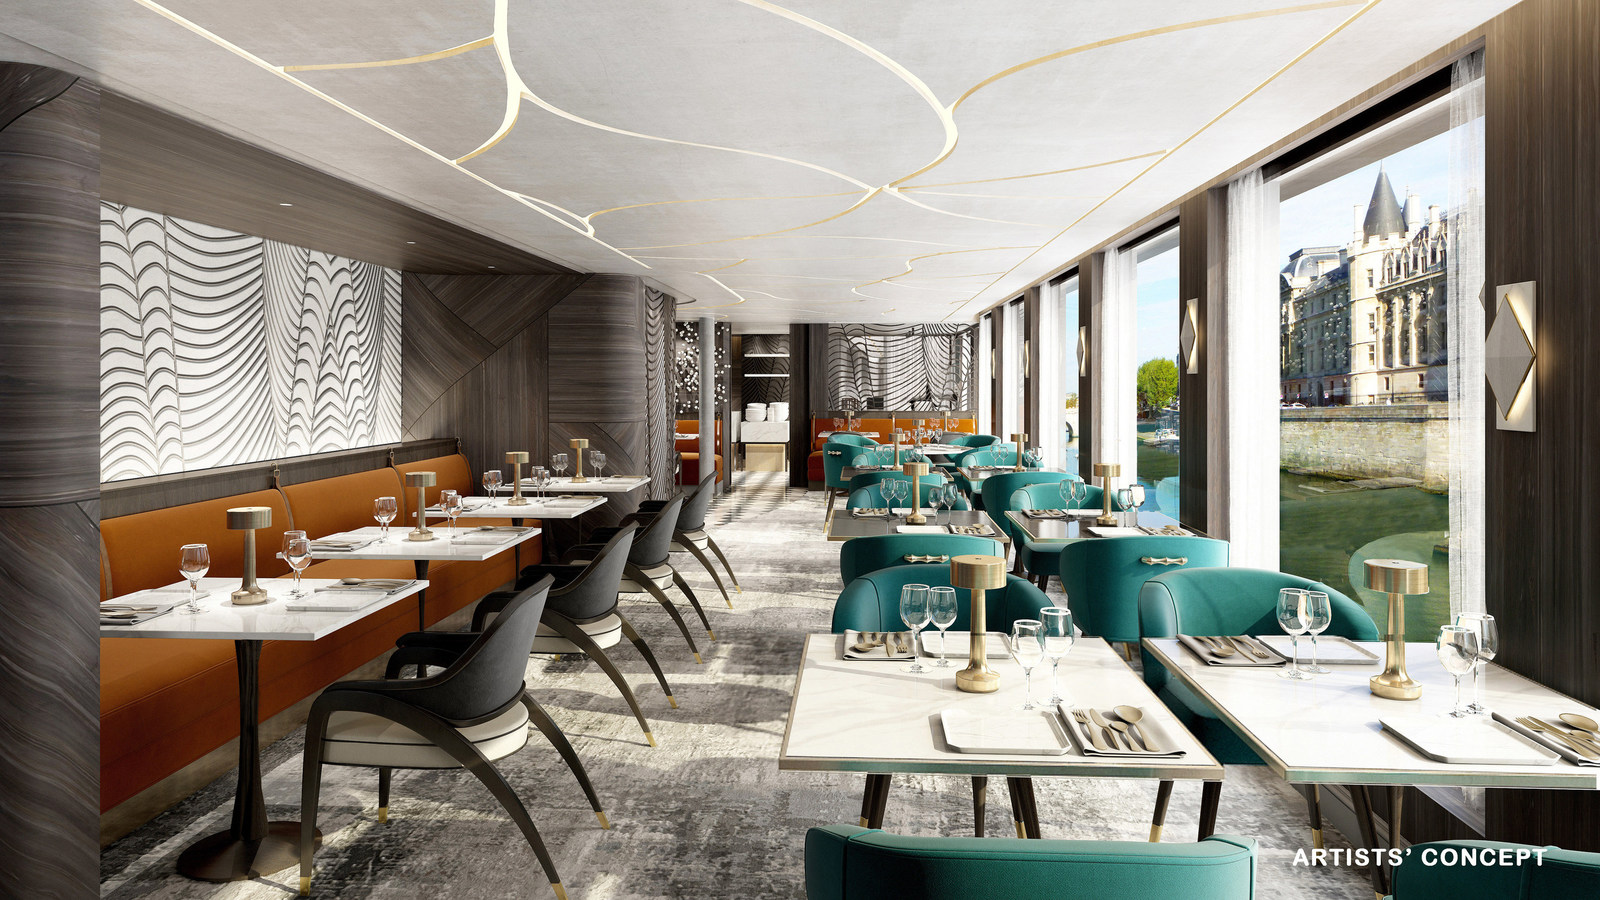 Αποτέλεσμα εικόνας για Crystal River Cruises unveils authentic, inspired culinary concepts for Crystal Bach